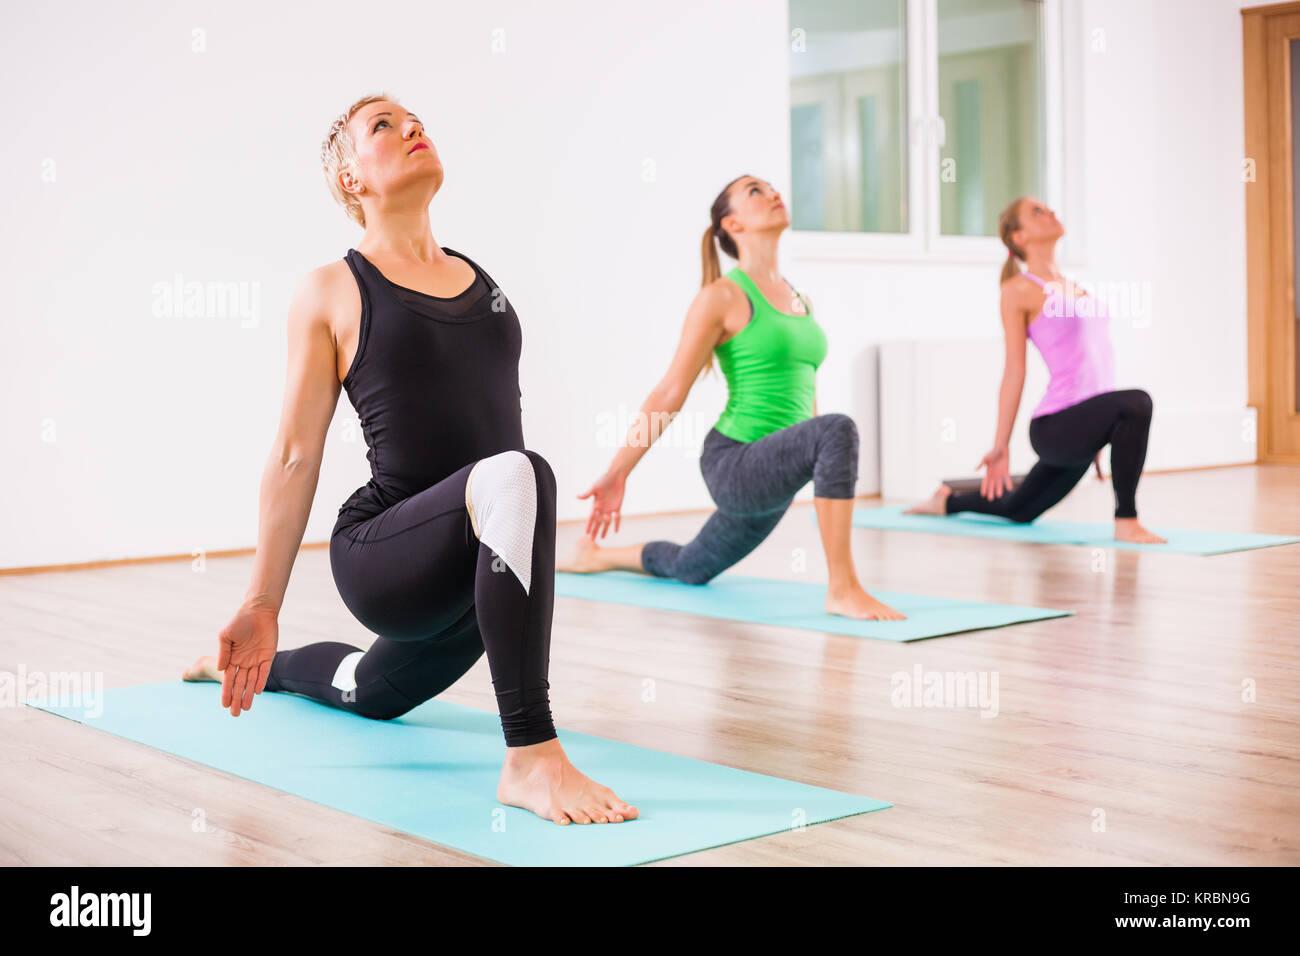 Three girls practicing yoga, Virabhadrasana / Warrior pose - Stock Image